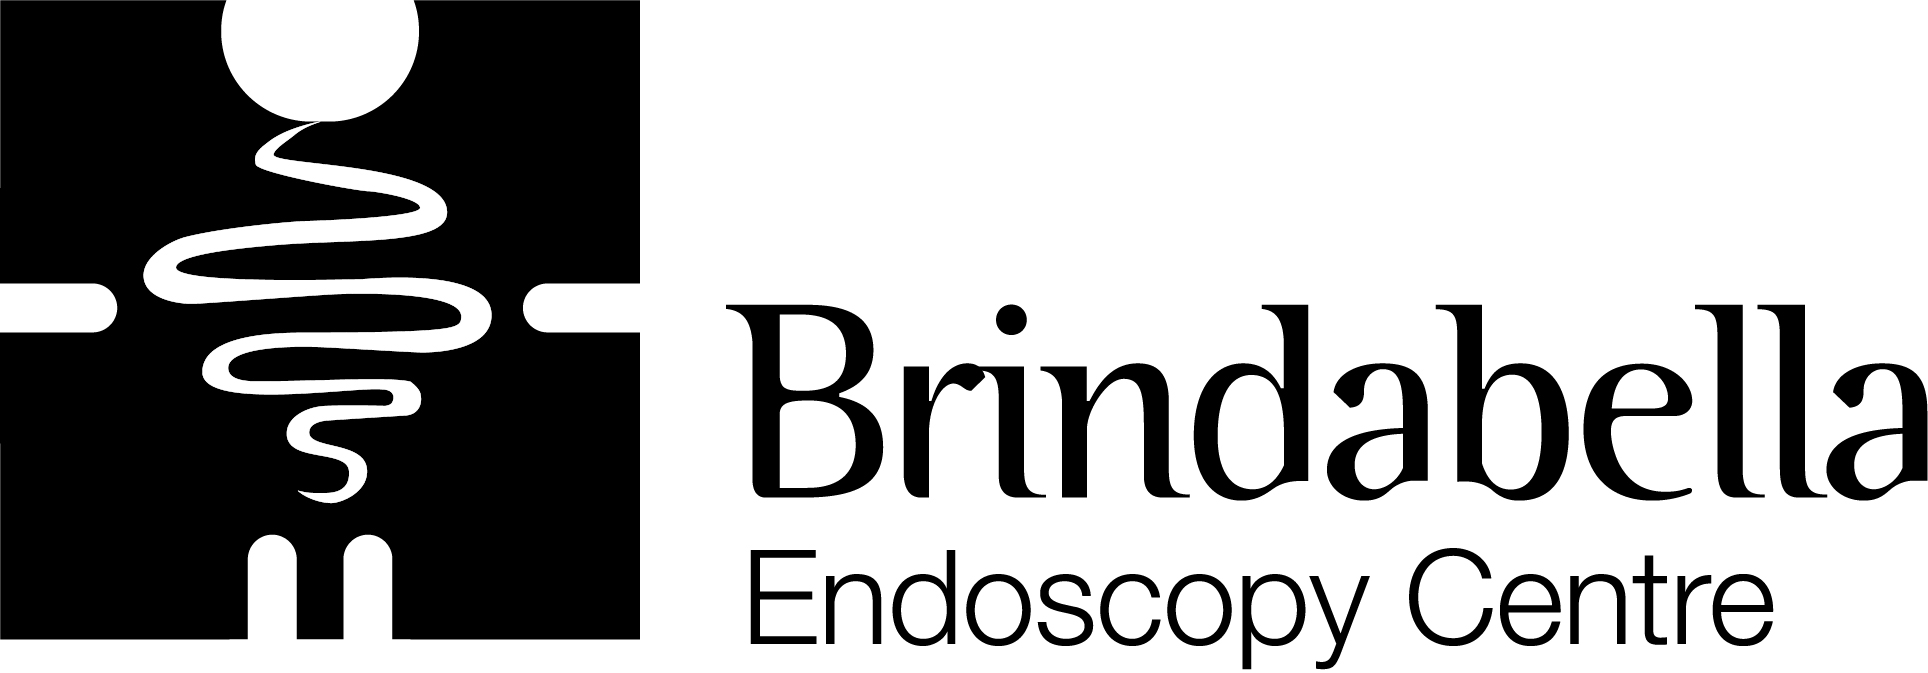 Brindabella Endoscopy Centre image